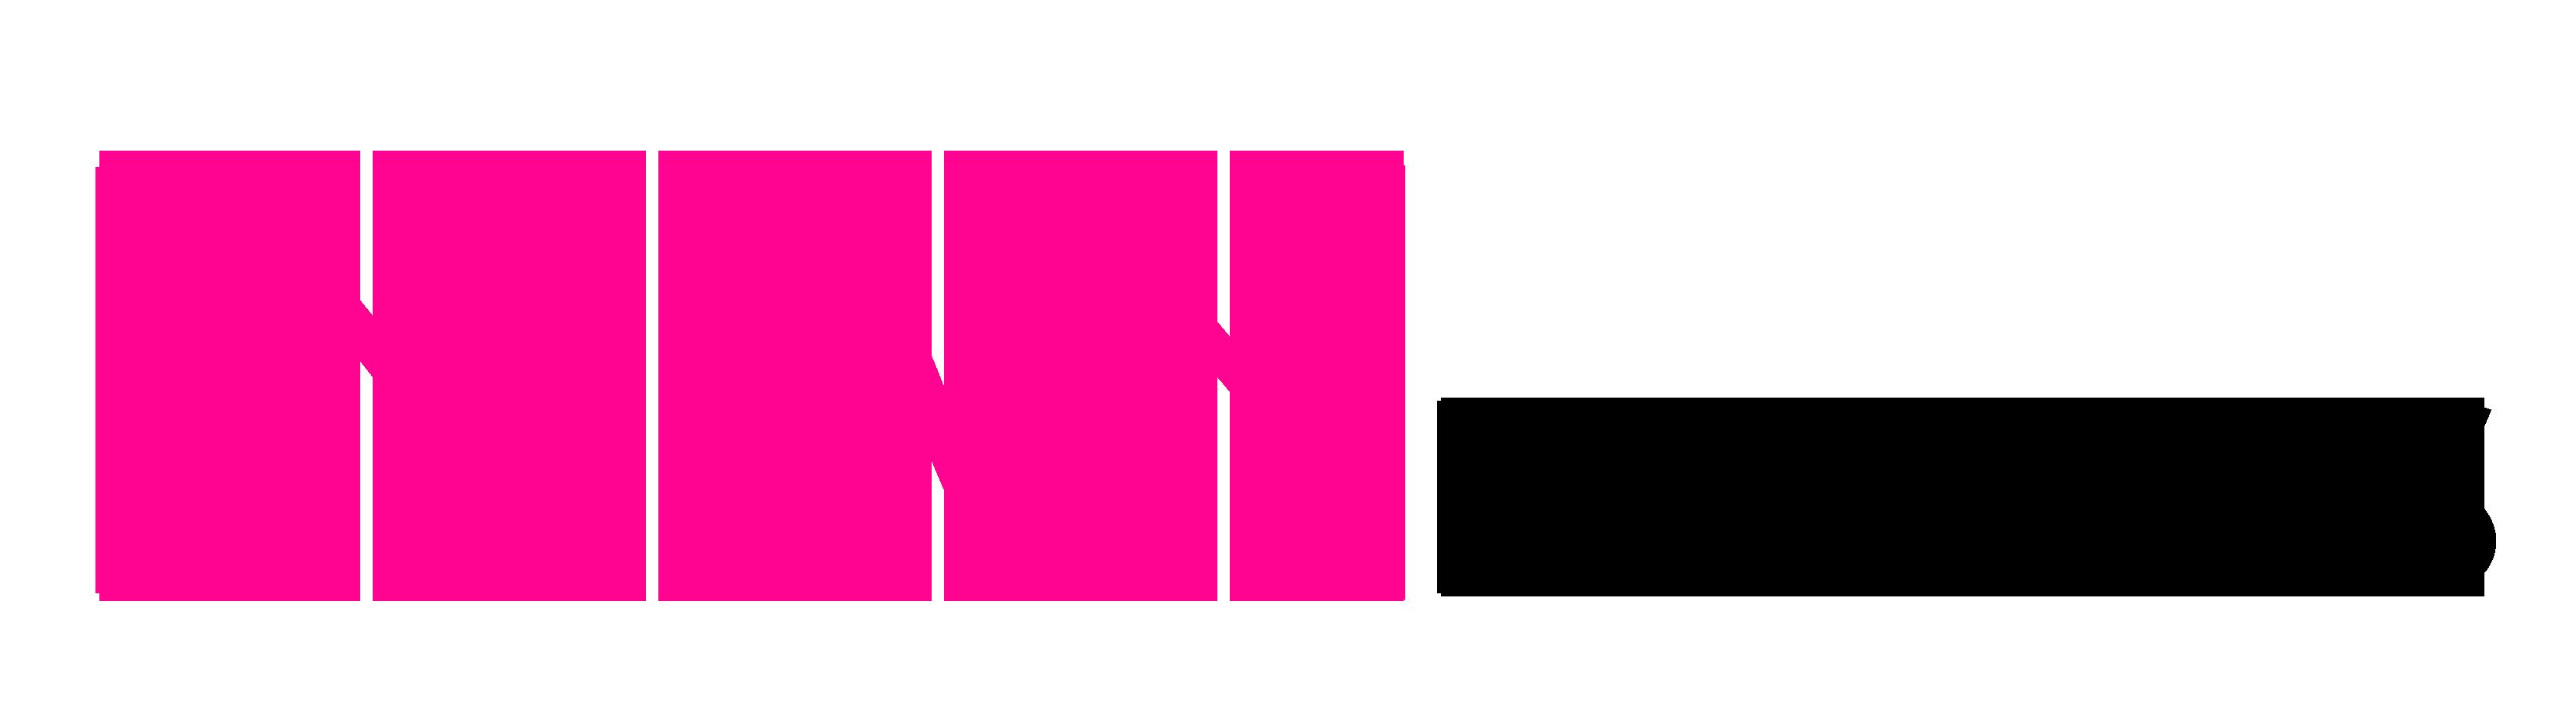 Iman Inspires